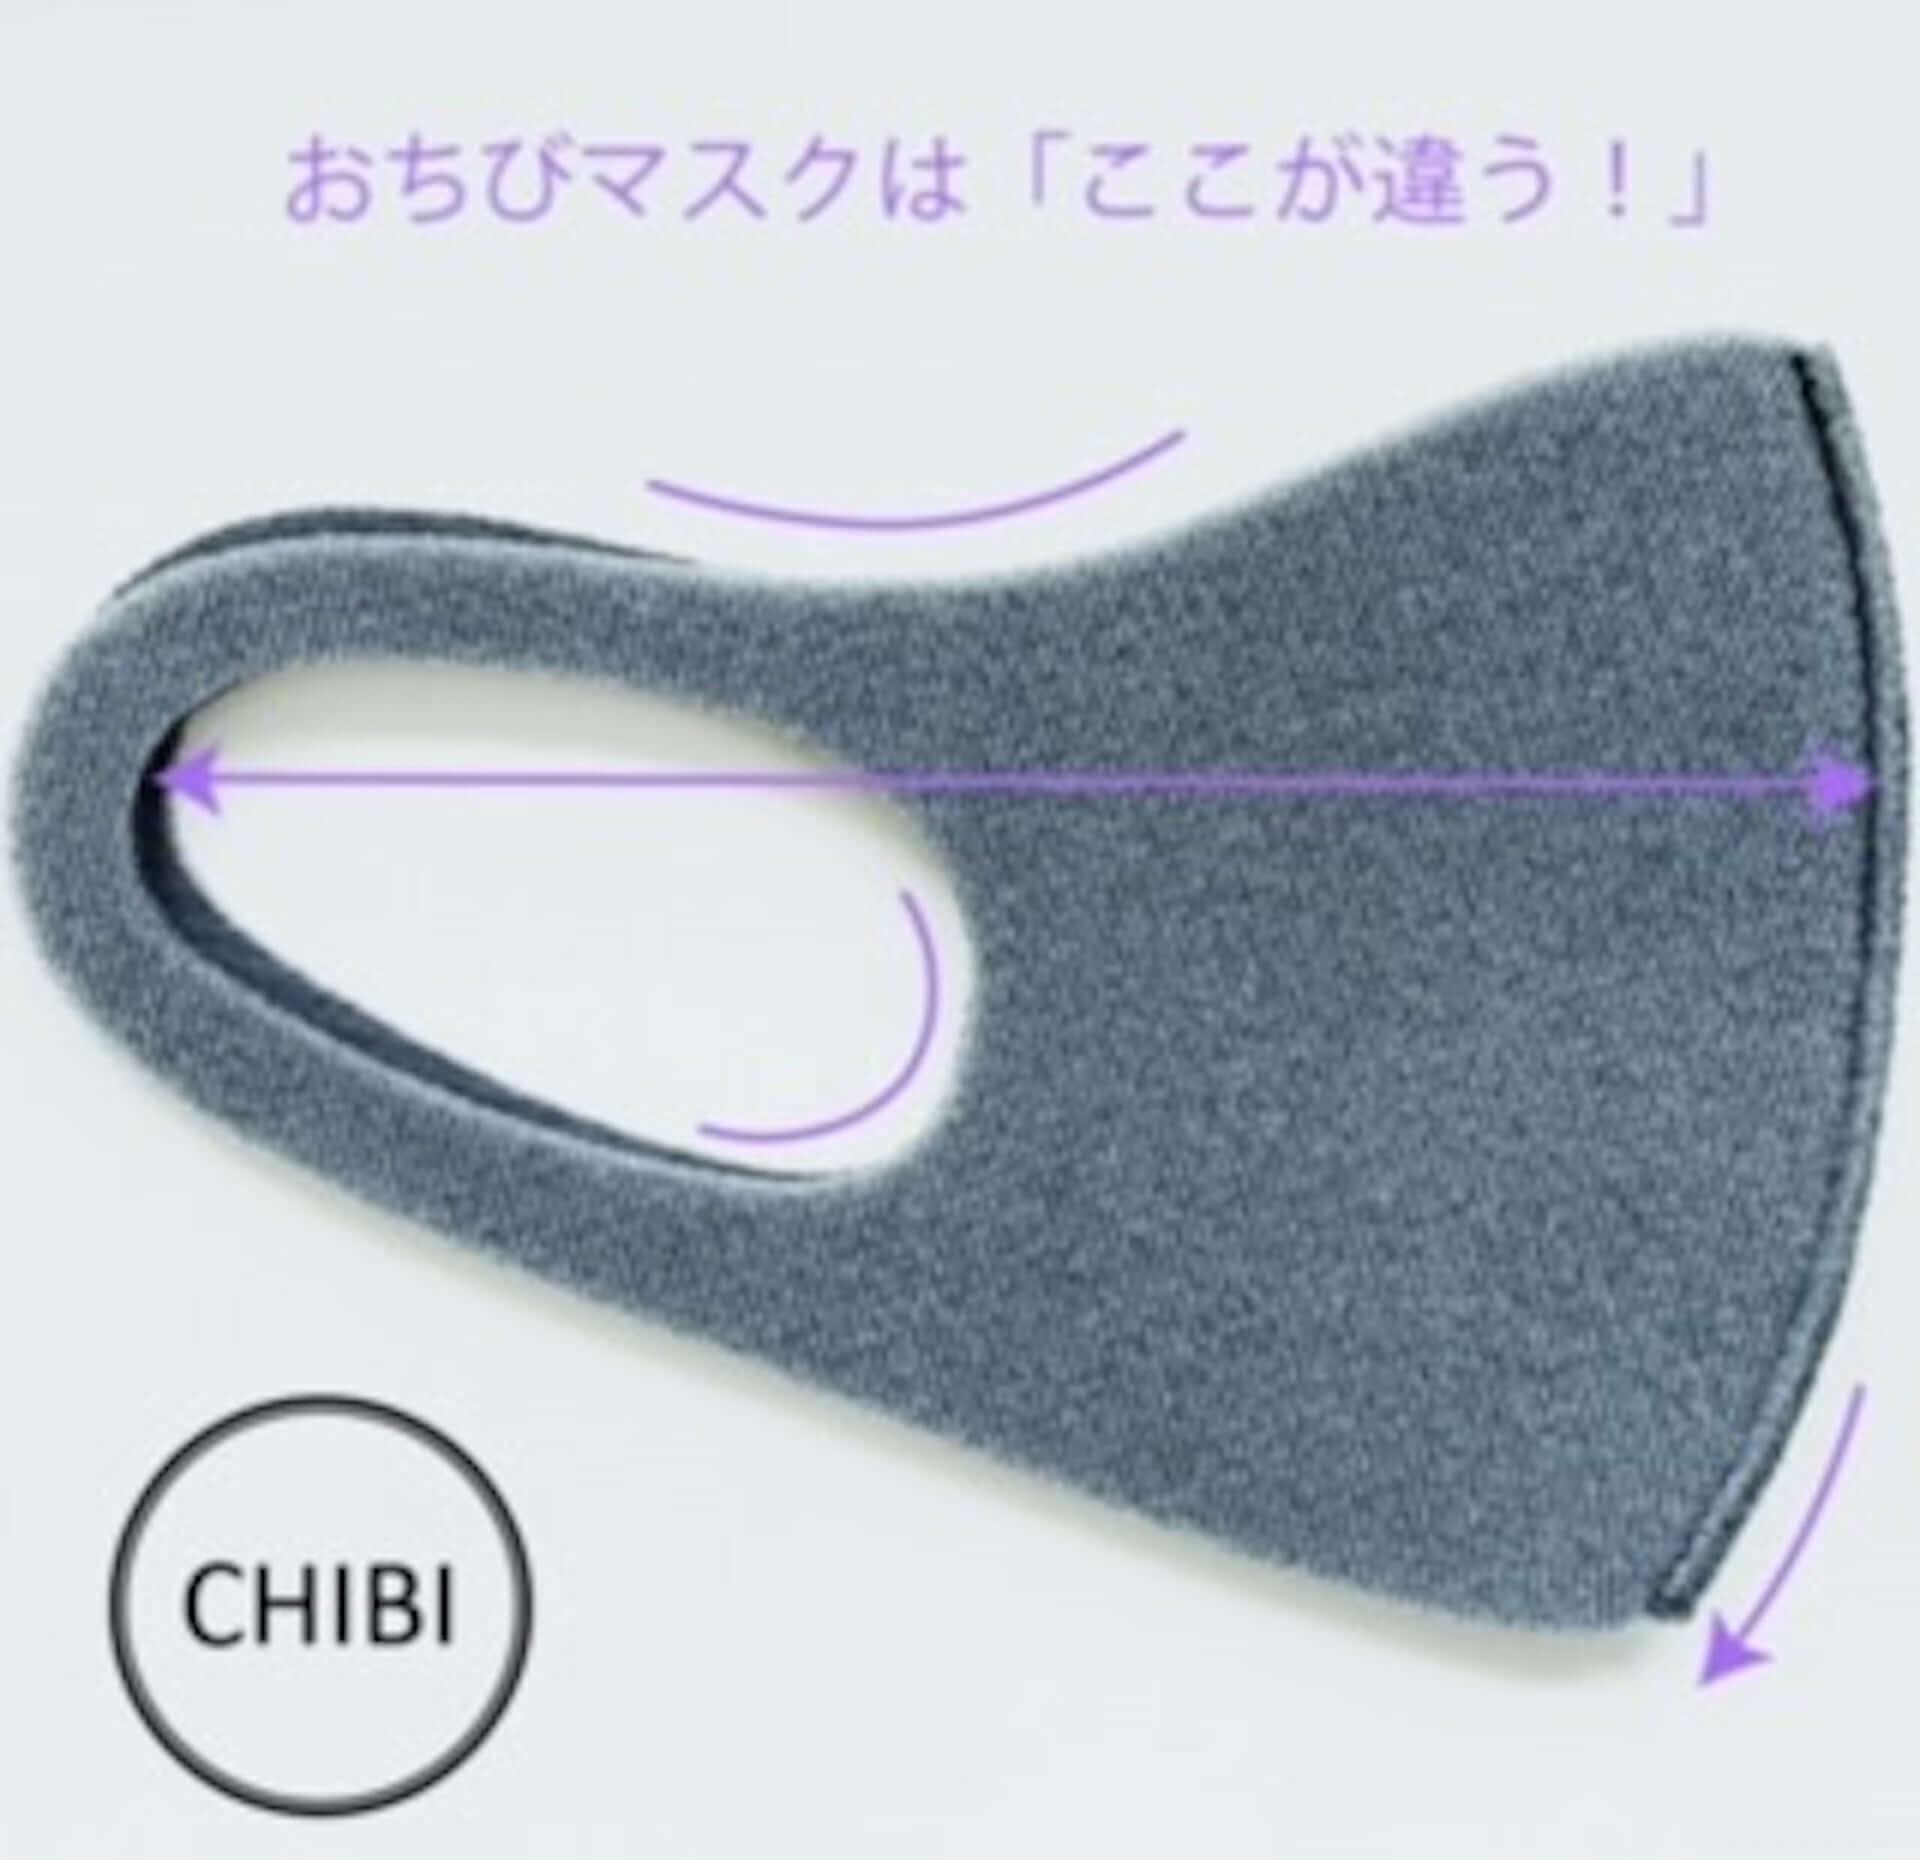 洗える小さめマスク『OCHIBIマスク』がForemos_marcoから登場|小柄・小顔な女性におすすめ lf200521_ochibi_mask_4-1920x1860